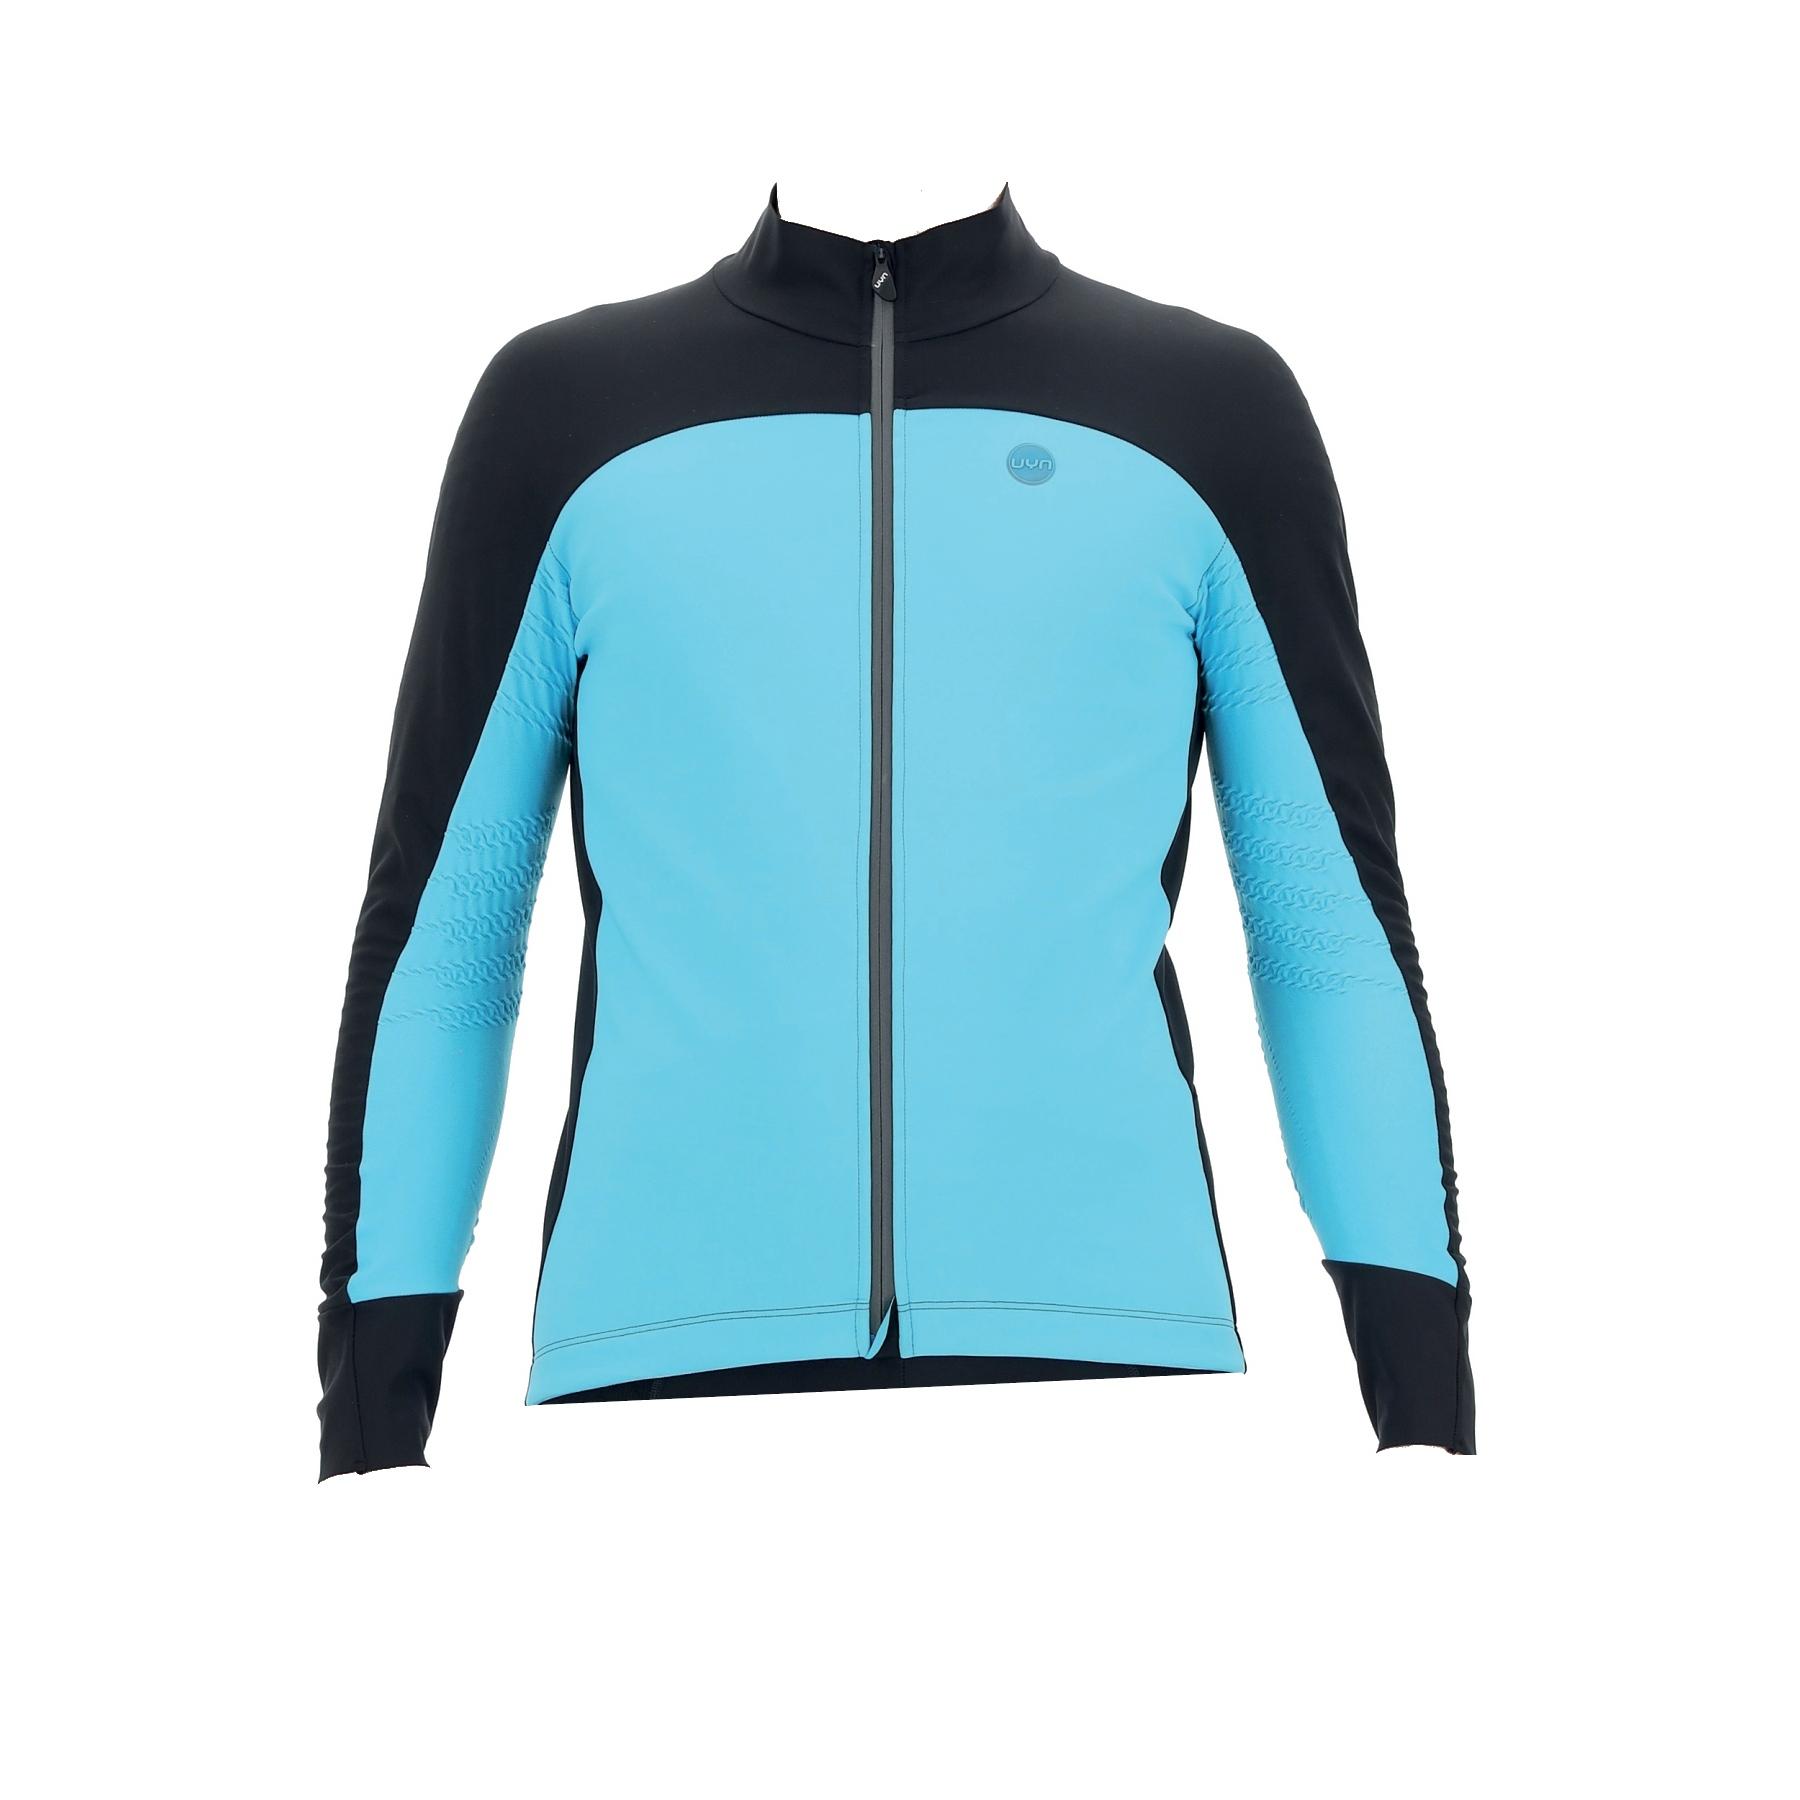 Image of UYN Biking Coreshell Aerofit Jacket - Turquoise/Black/Turquoise